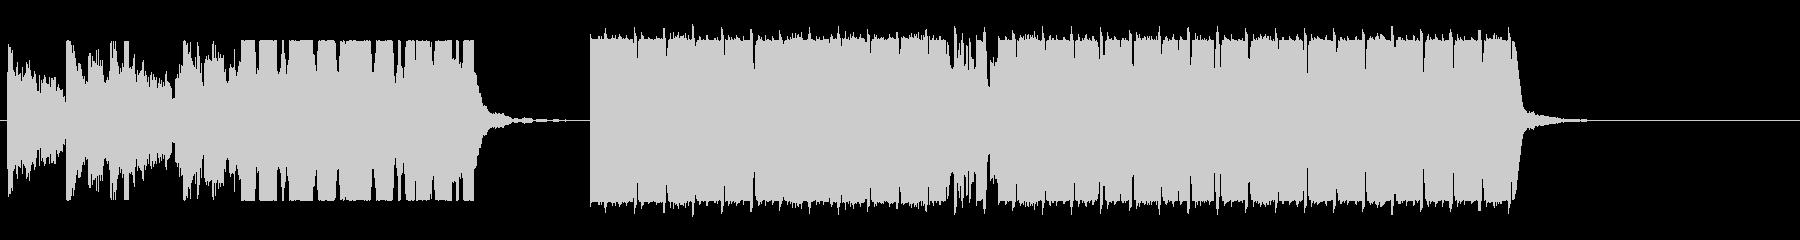 リード音が特徴的なドラムンベースの未再生の波形